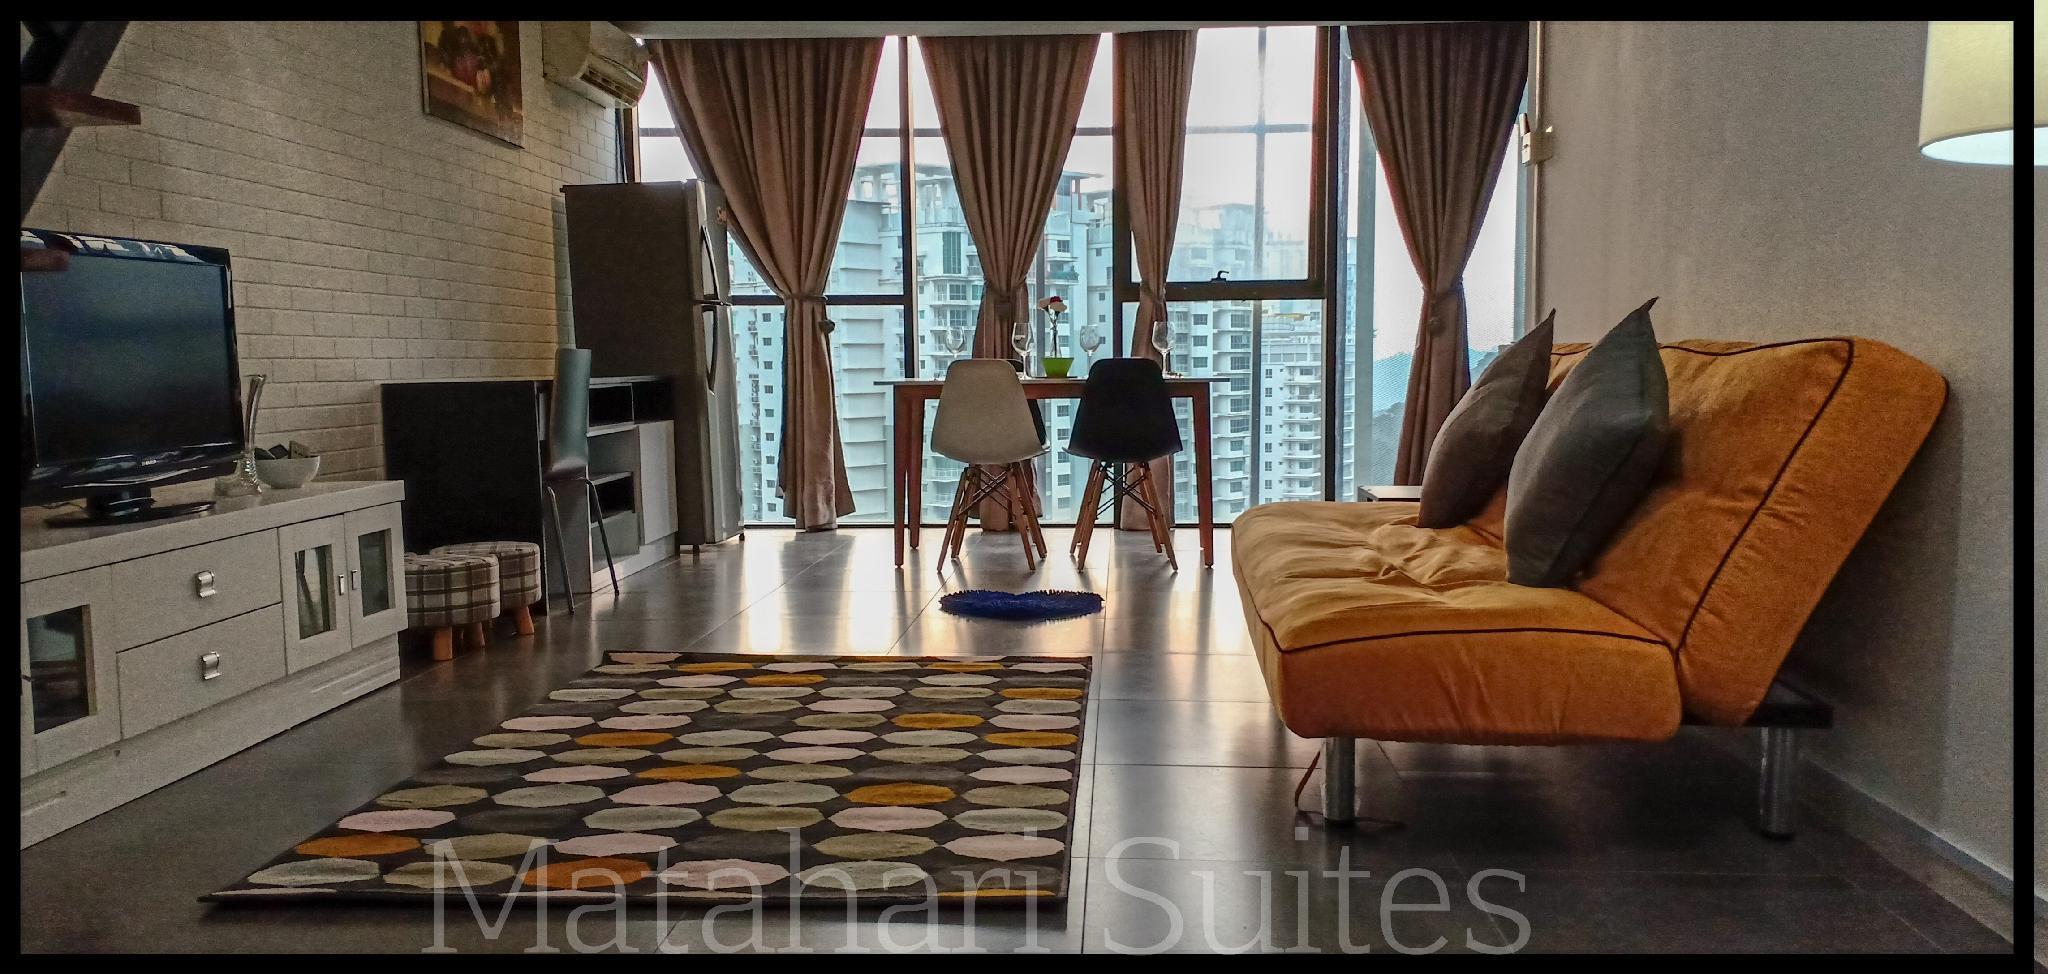 Matahari Suites @ Empire Damansara